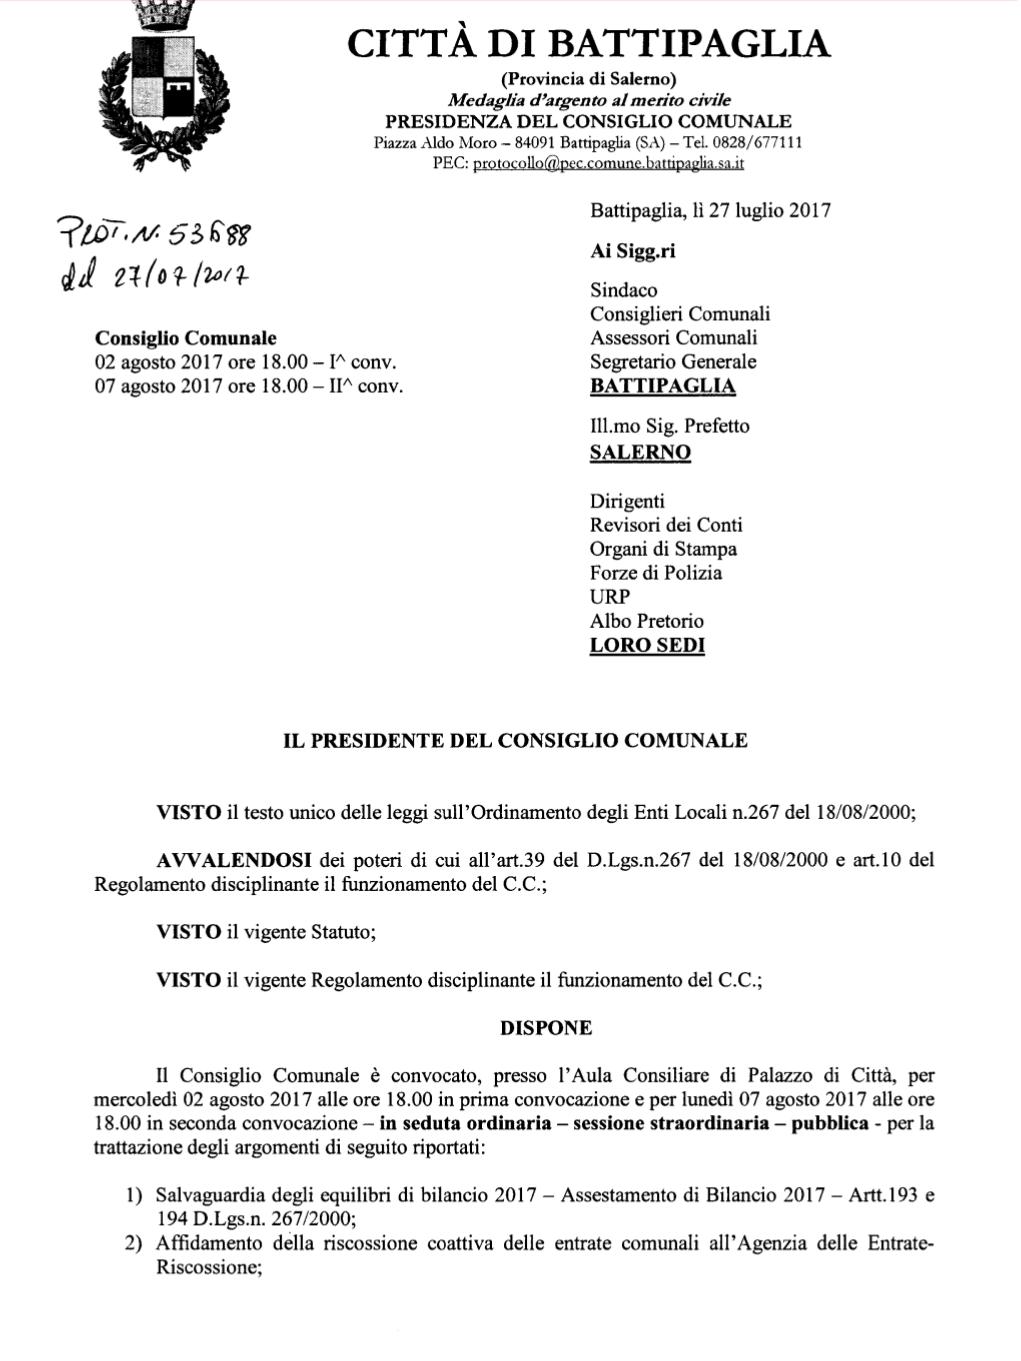 Convocazione Consiglio comunale Battipaglia